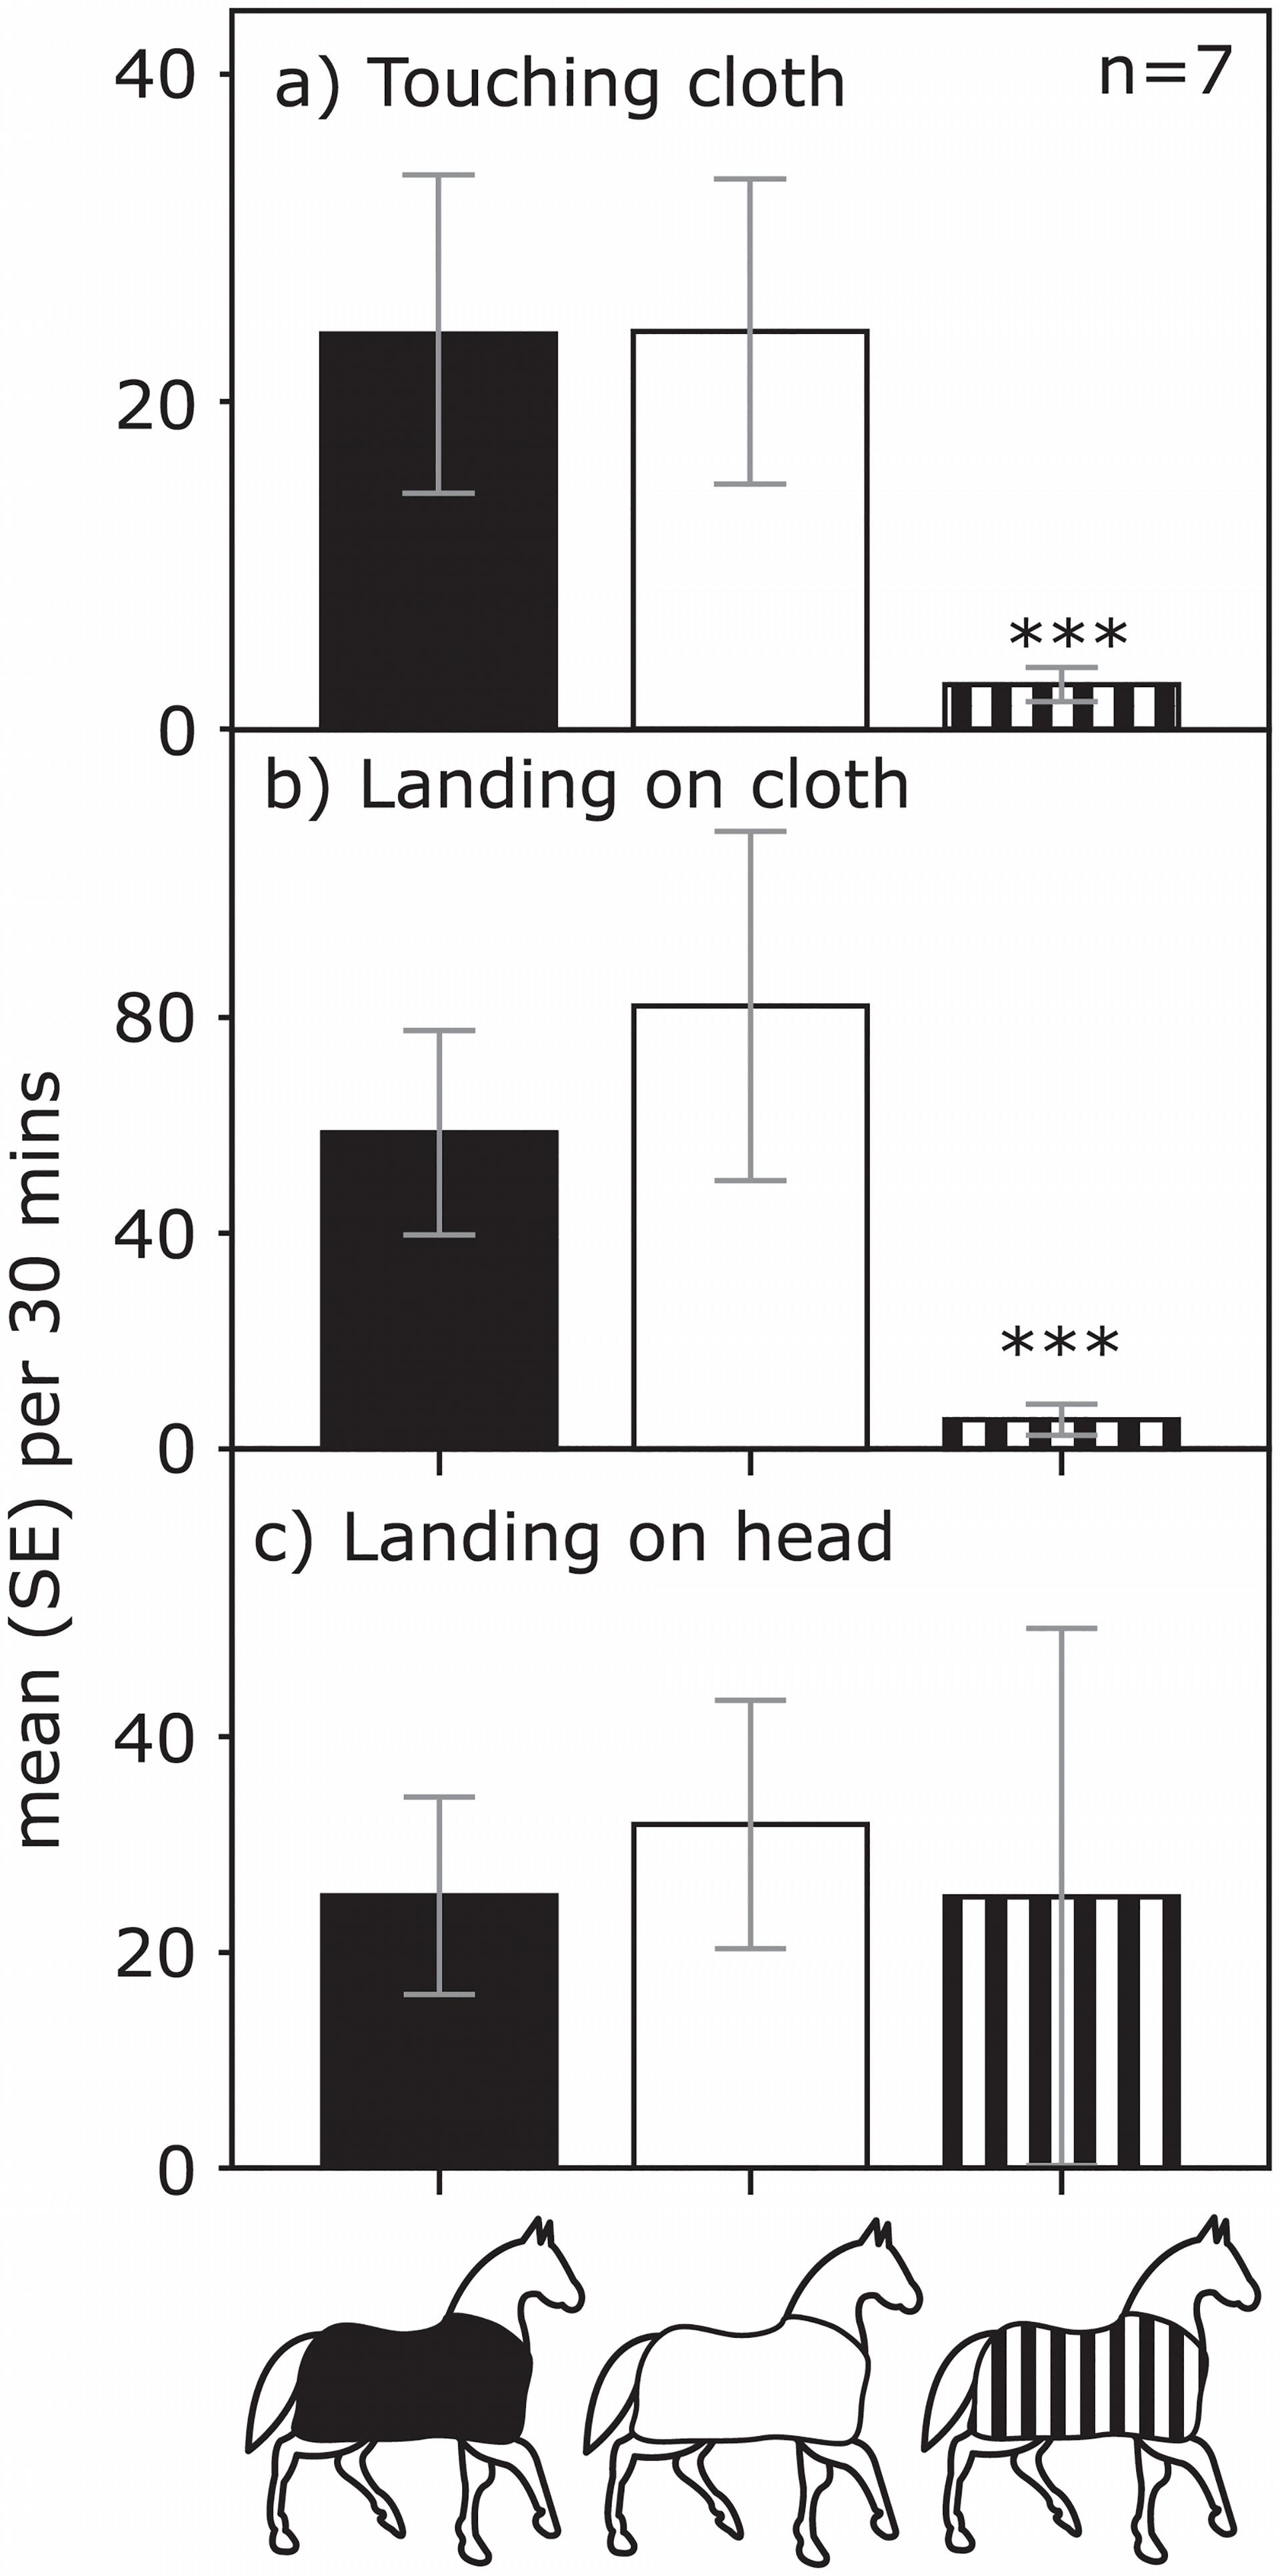 跟白色或黑色相比,條紋外套上的馬蠅要少得多(圖a&b)。但是光裸的頭部吸引到的馬蠅數量是差不多的(圖c) |  Caro et al. 2019